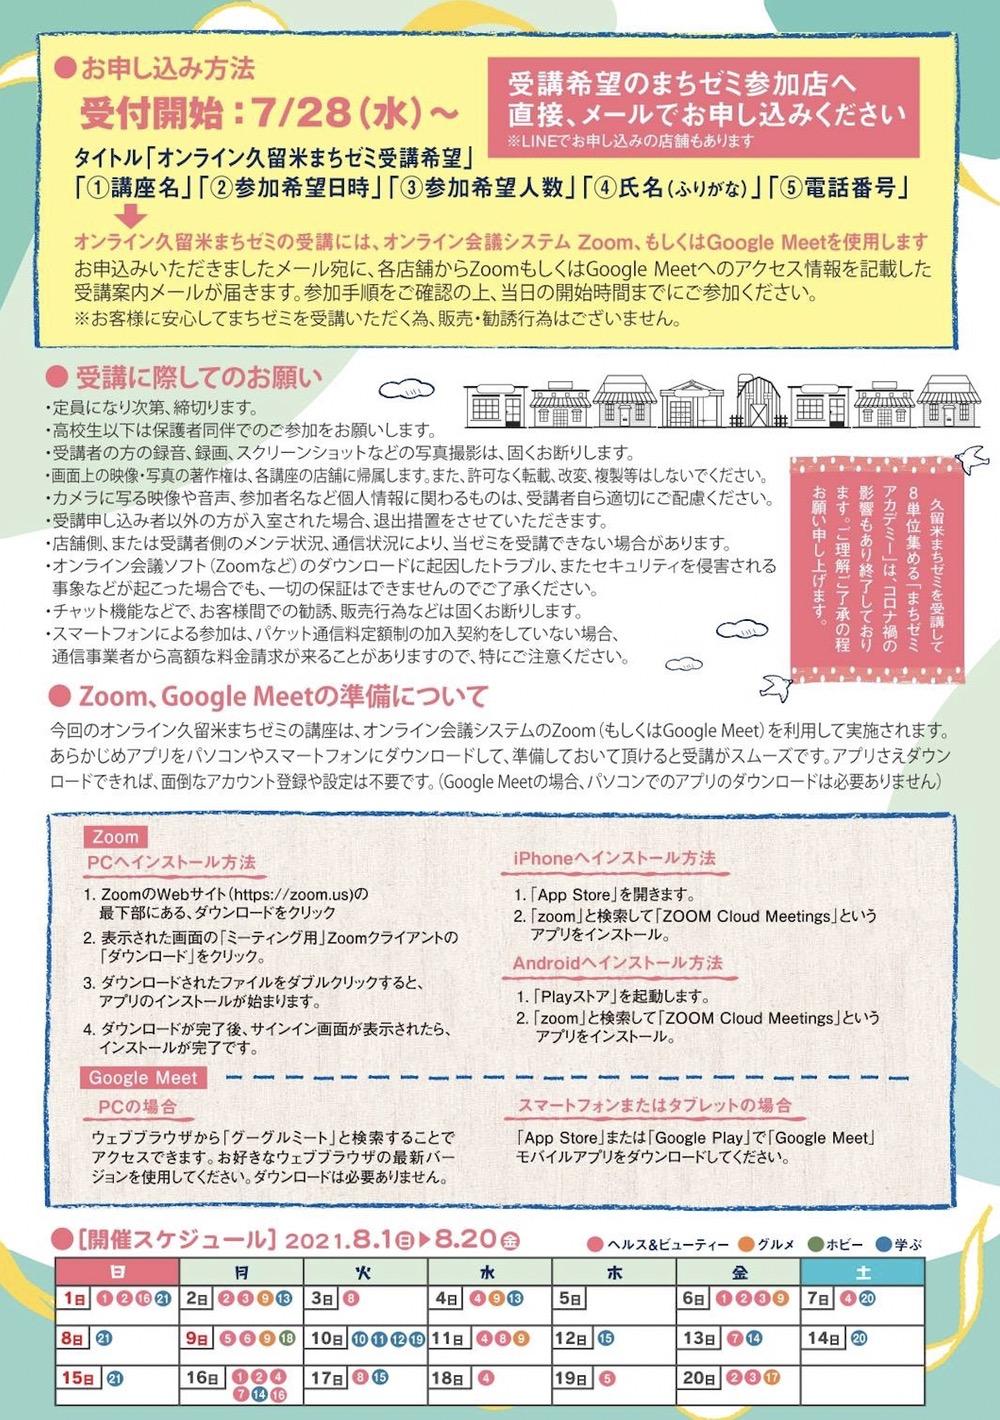 久留米まちゼミオンライン 受付方法・受講に際してのお願い Zoom、Google Meetの準備について